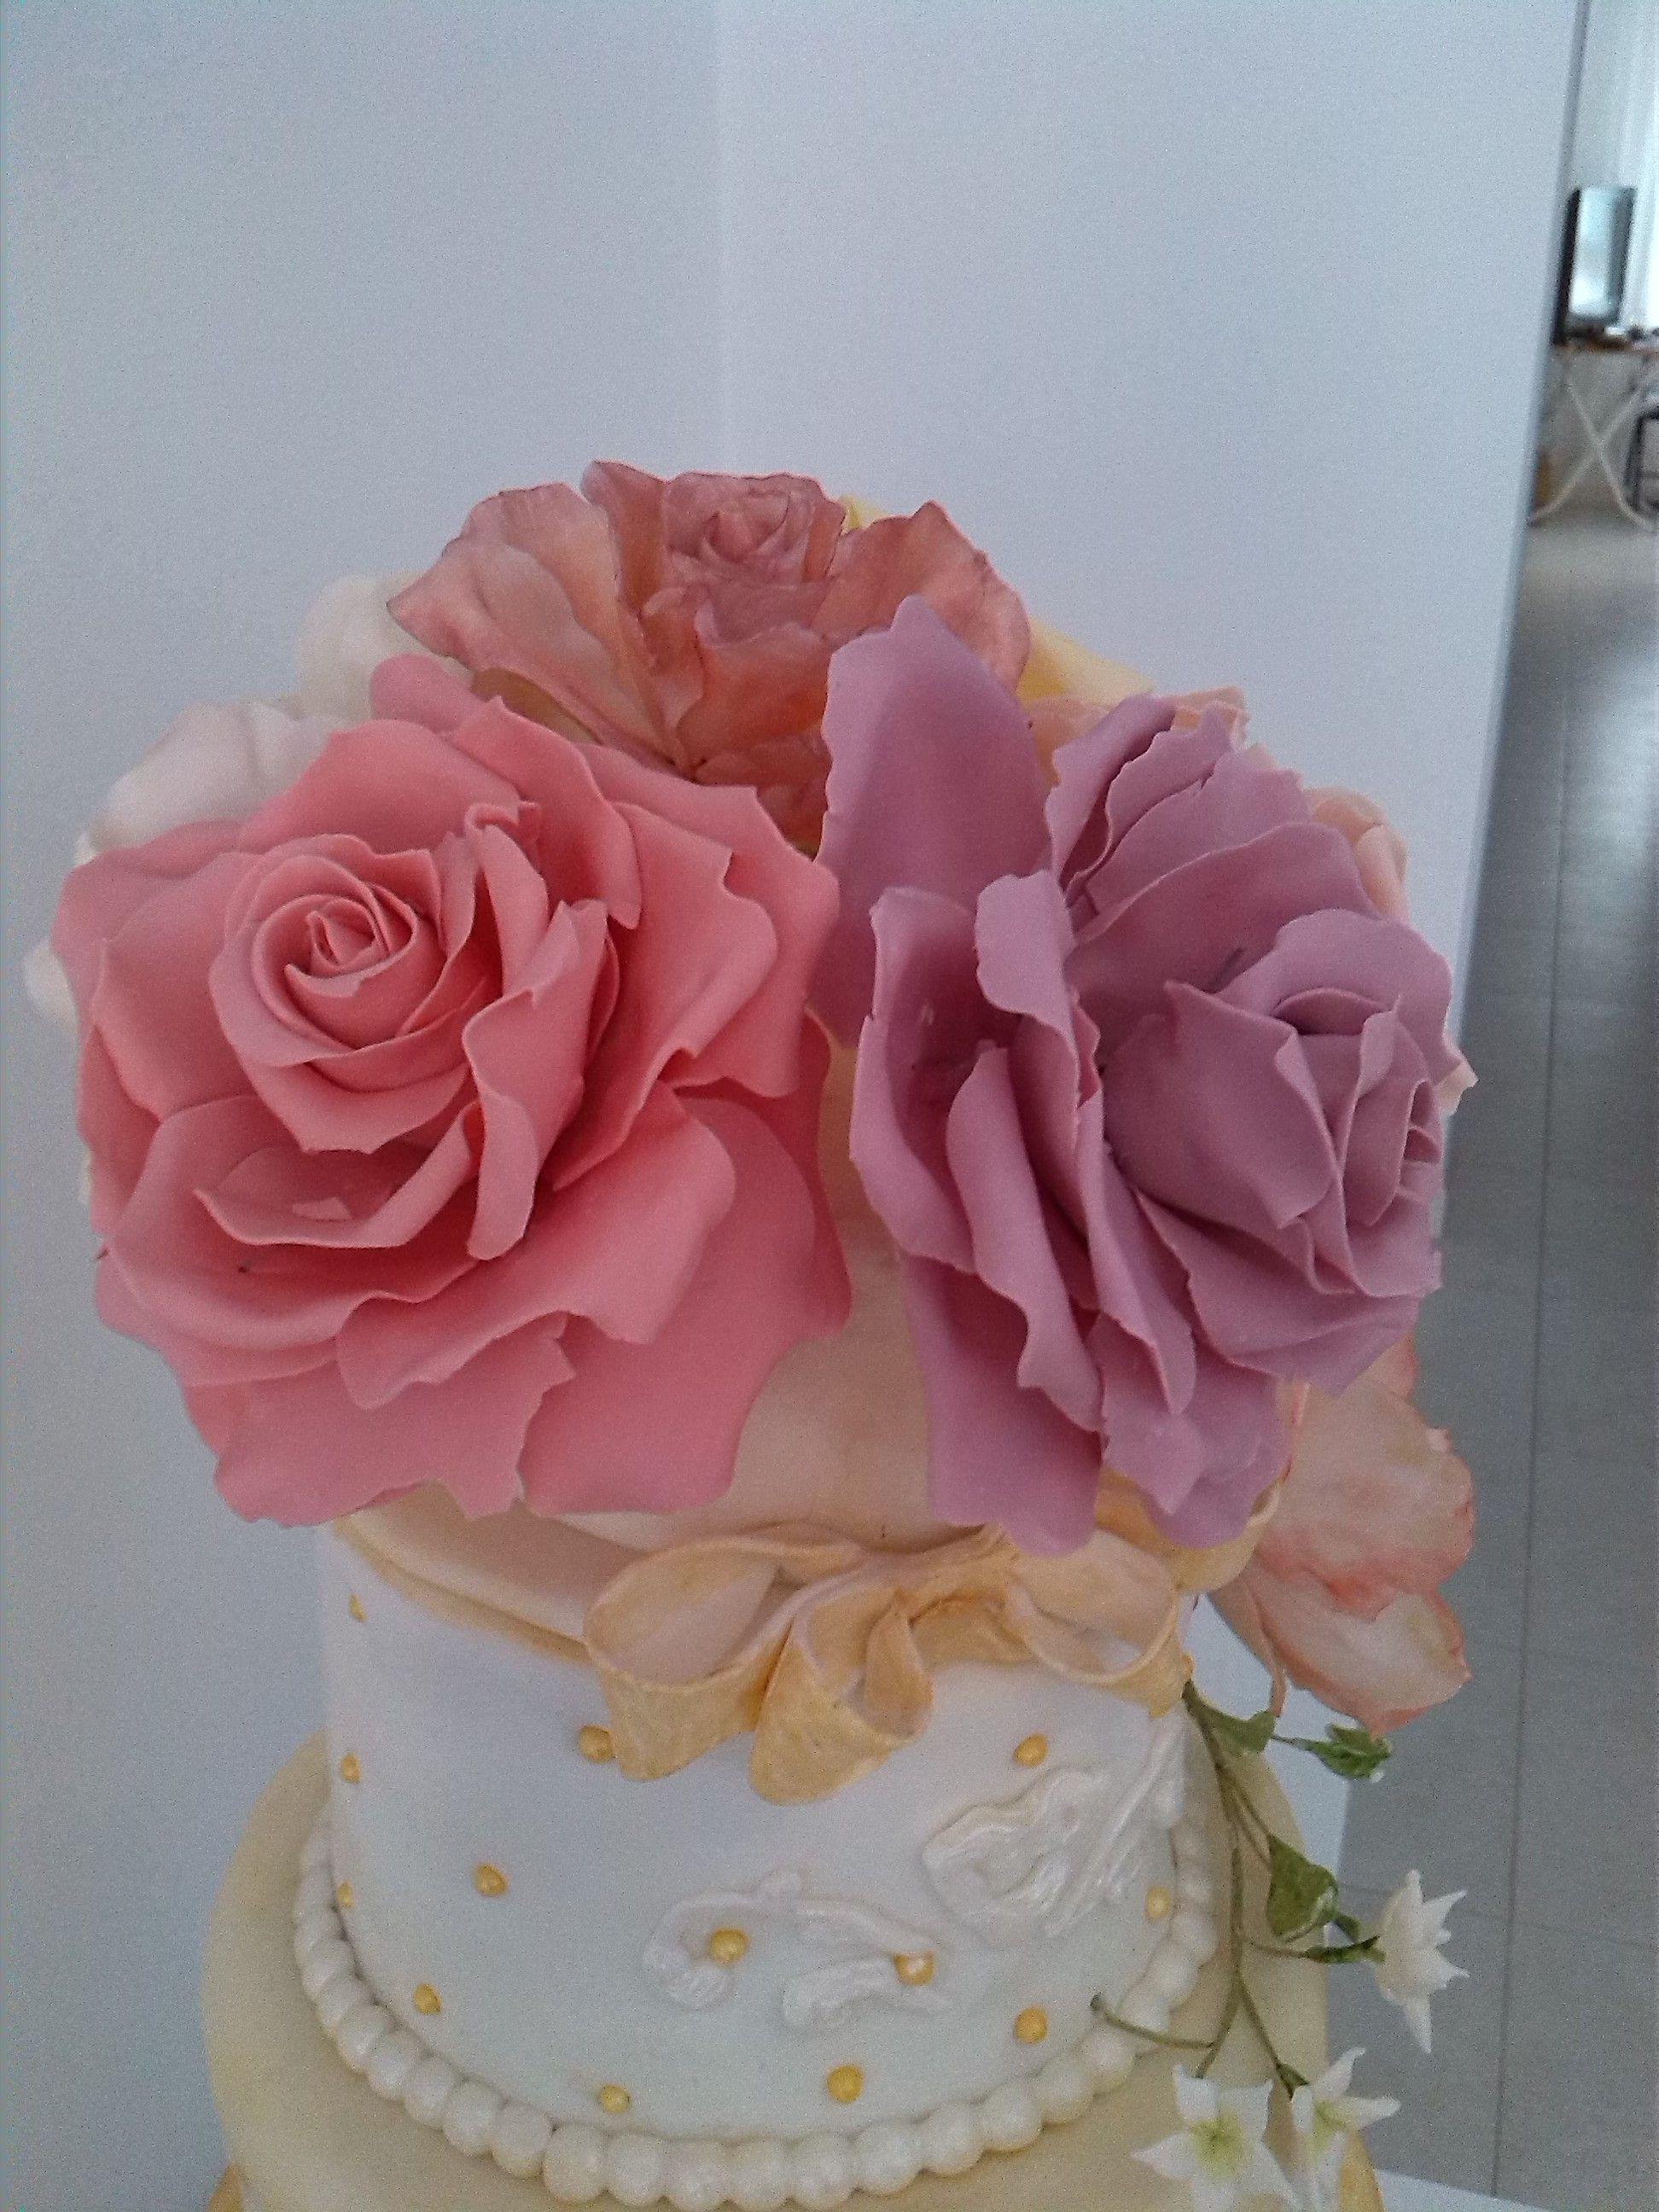 huge roses for a wedding cake( cake details)